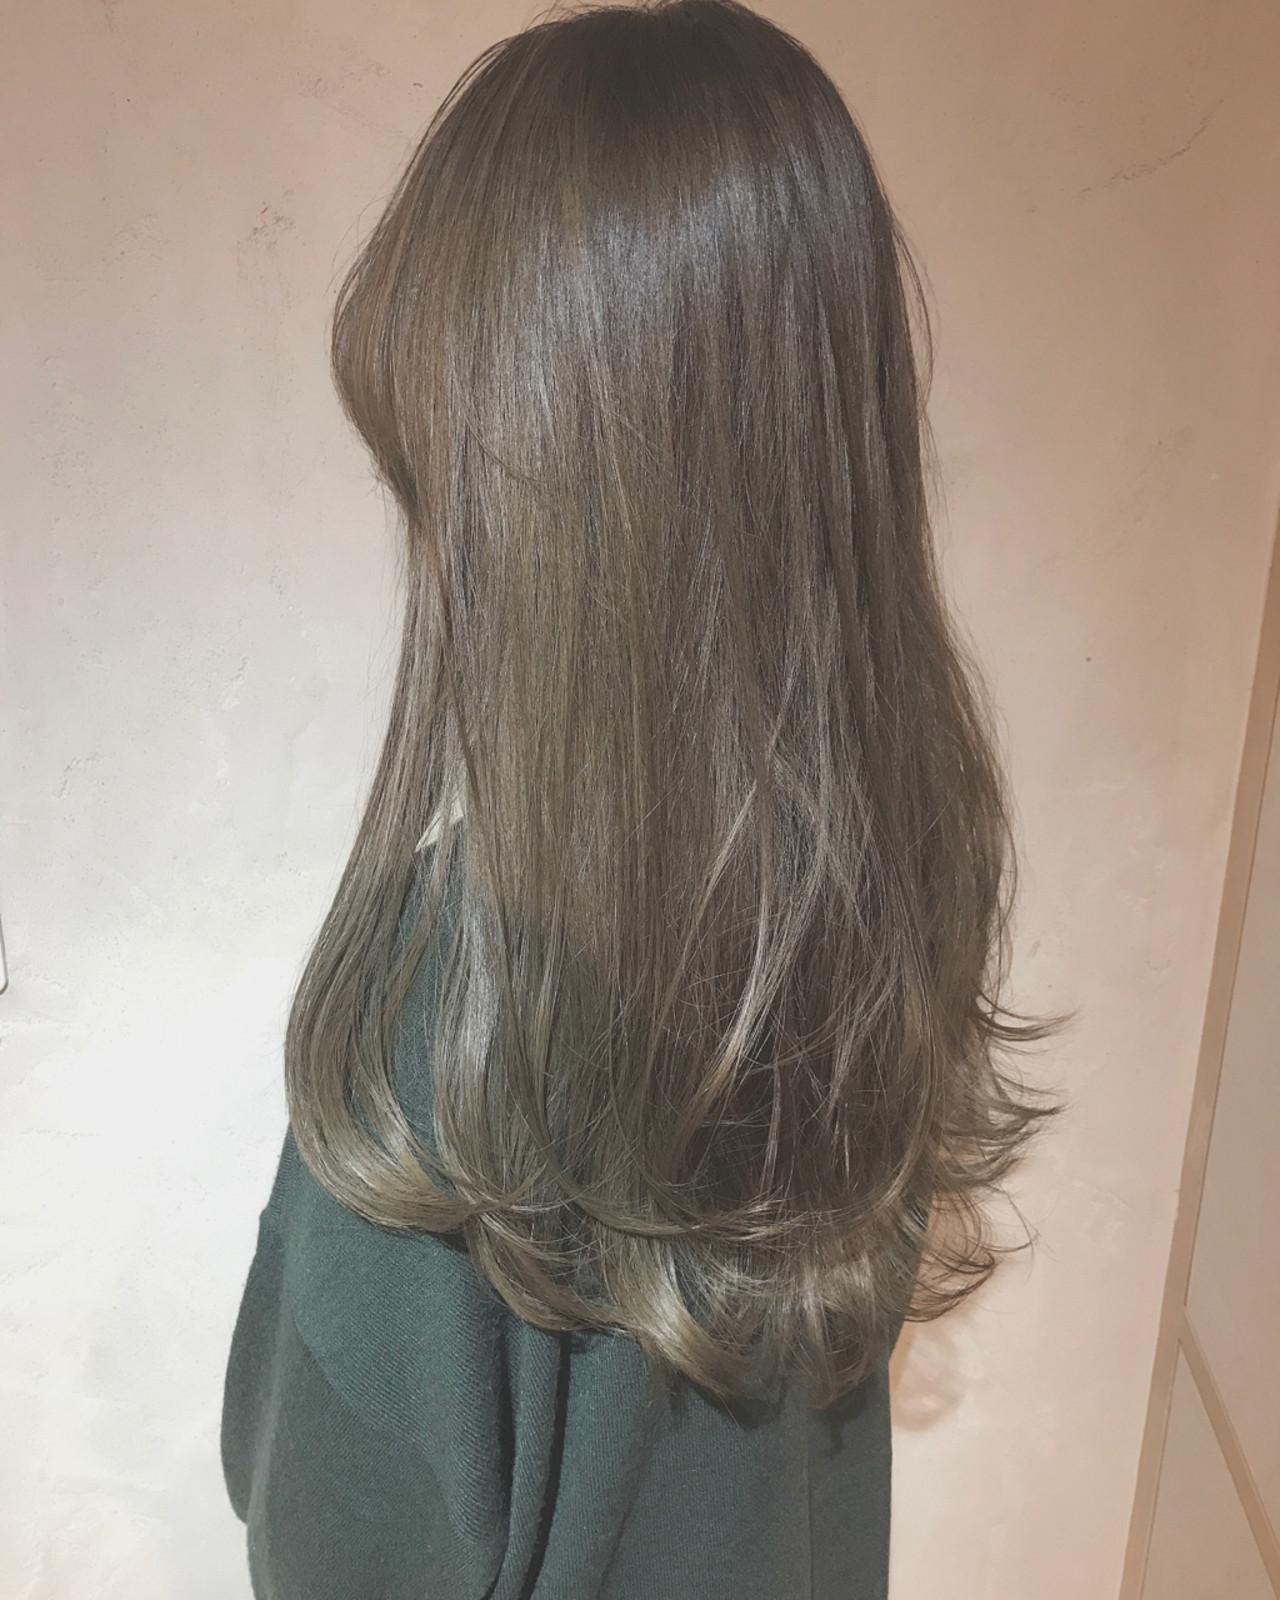 アッシュ 外国人風 ロング ハイライト ヘアスタイルや髪型の写真・画像